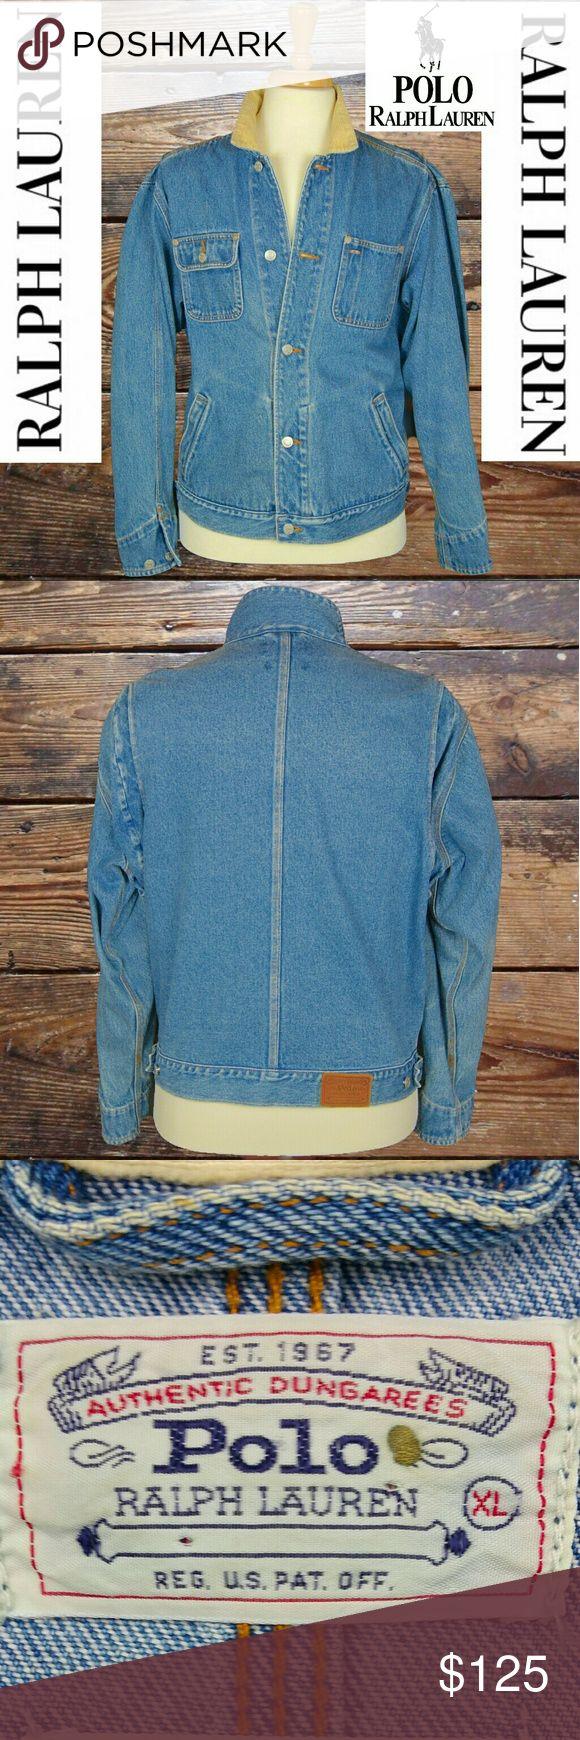 Ralph Lauren men's denim jacket Ralph Lauren -  excellent condition denim jacket.  WE DRY CLEAN AND WRAP EVERY ITEM! Polo By Ralph Lauren Jackets & Coats